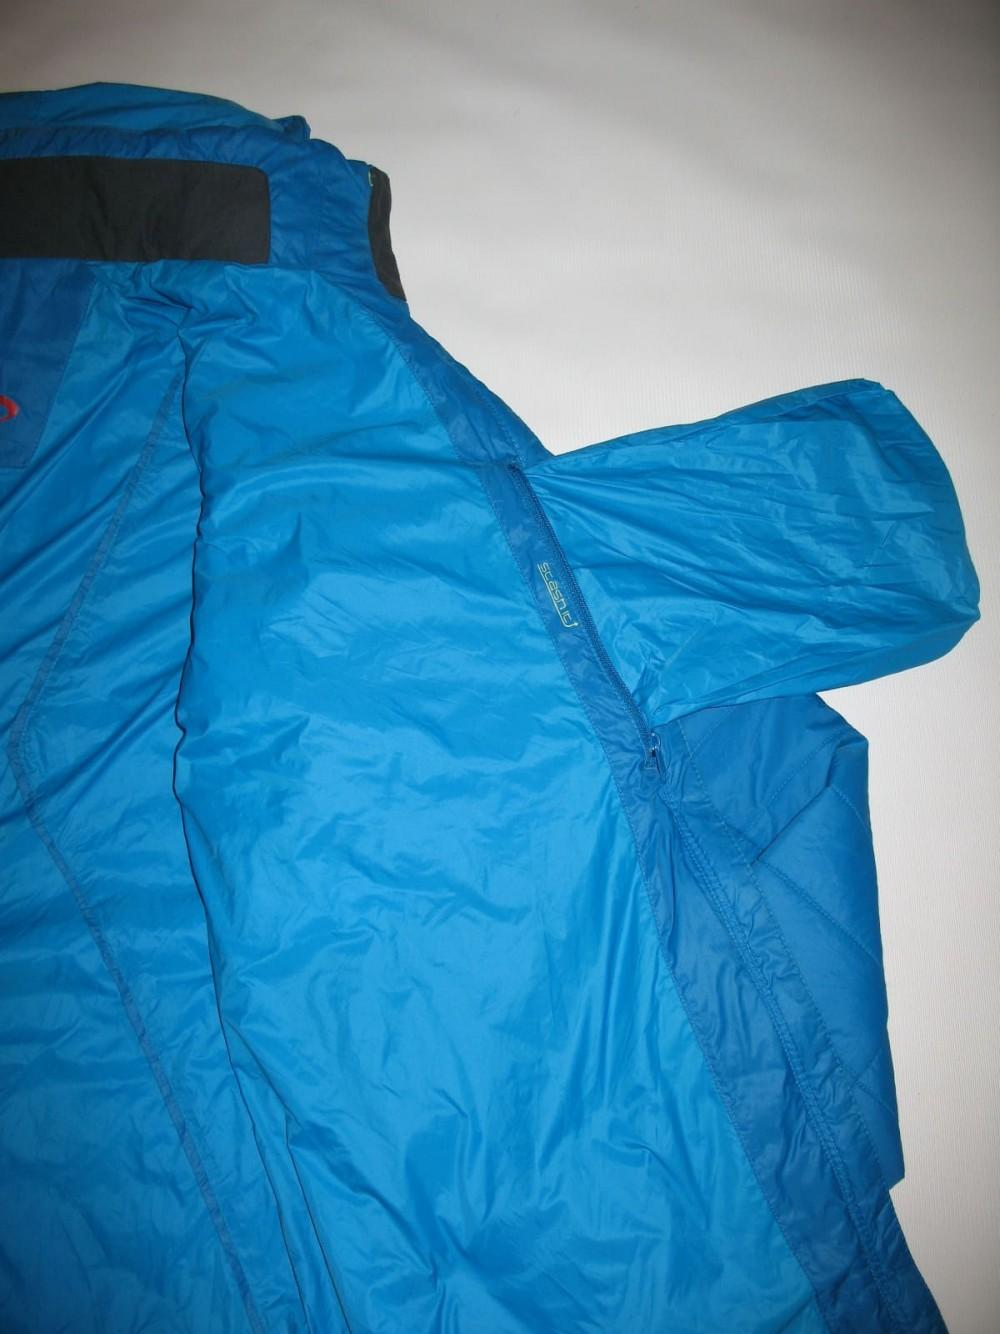 Куртка McKINLEY cando primaloft 100 jacket (размер XL) - 11